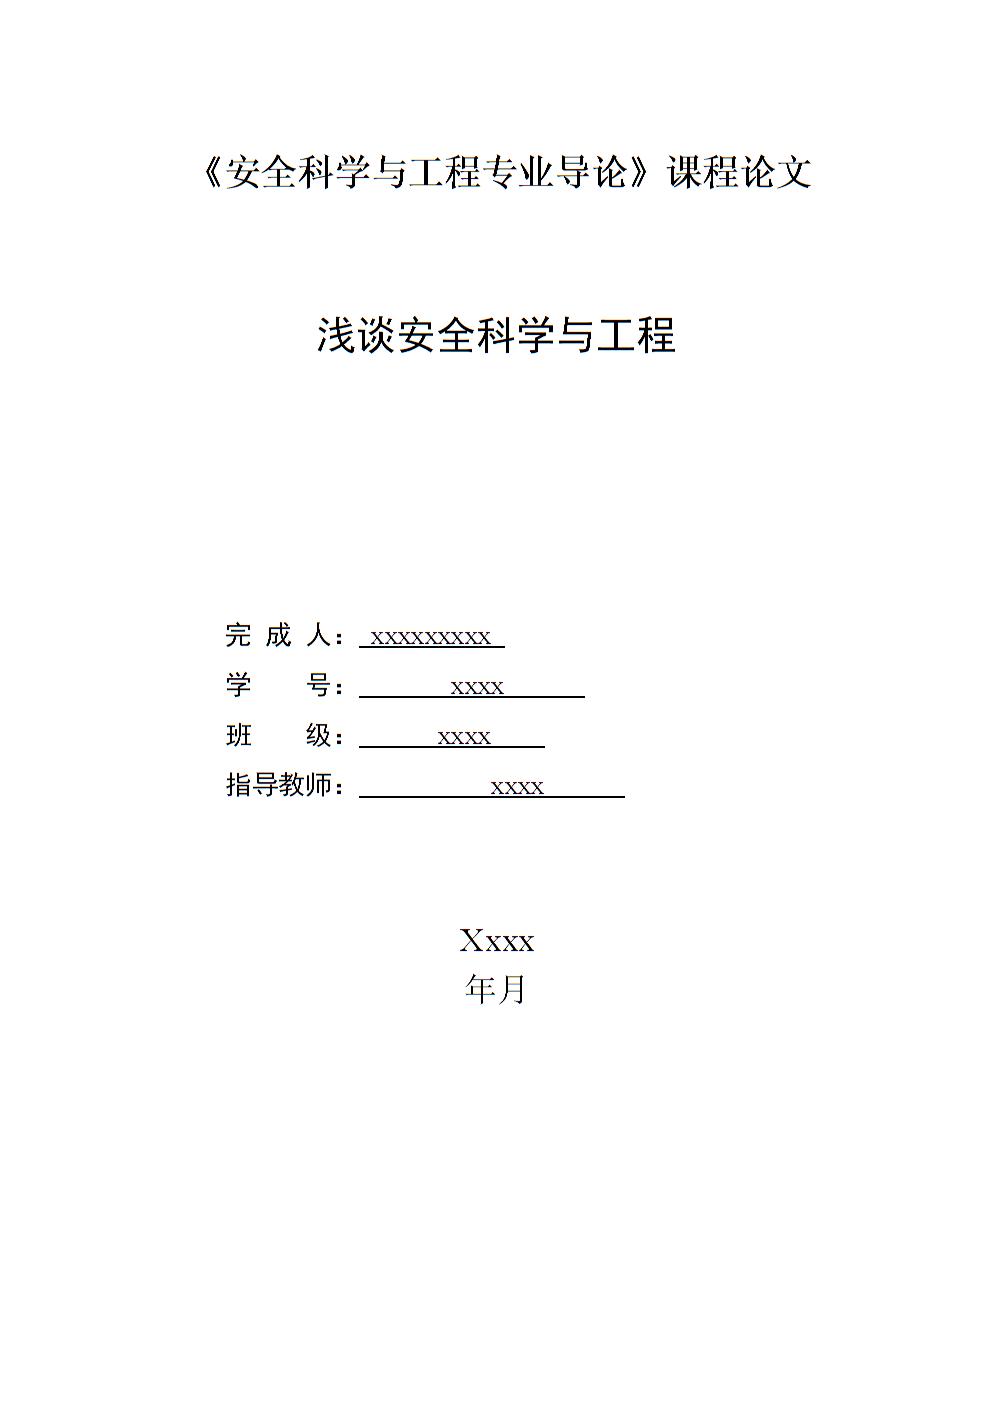 安全工程导论课程论文模板2.docx